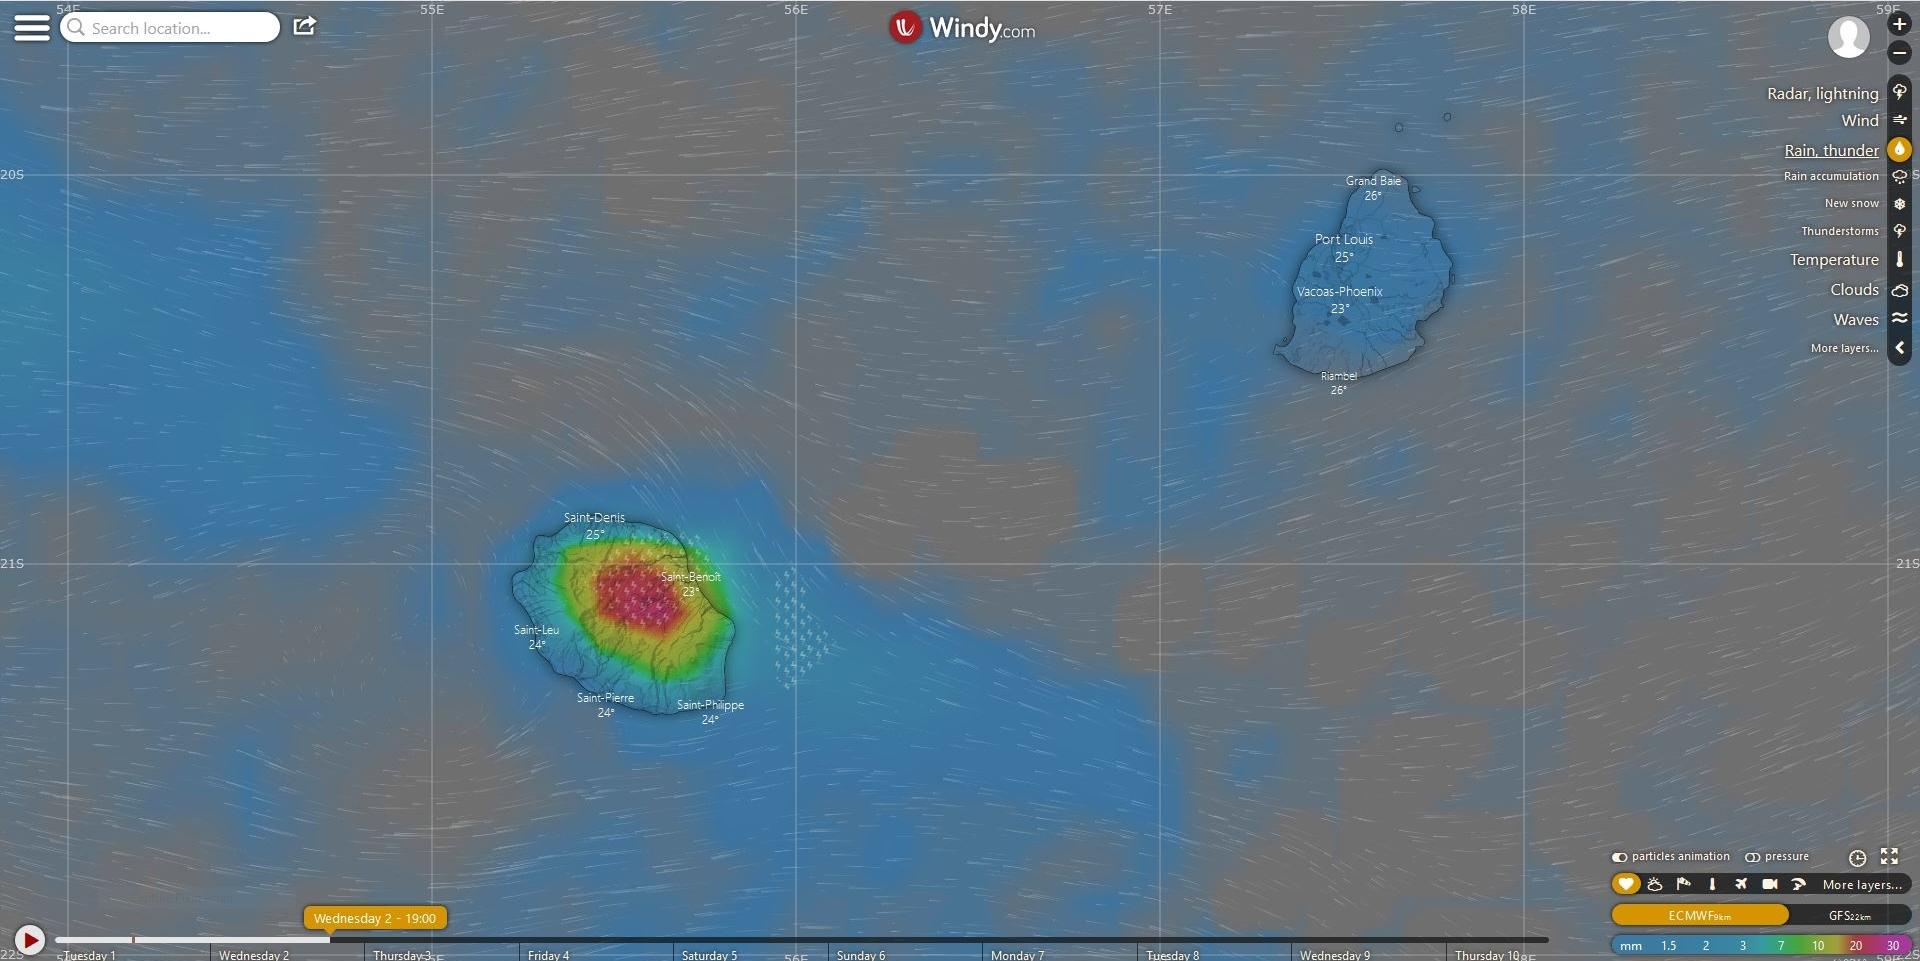 Bonnes précipitations avec un risque orageux dans l'intérieur de la Réunion pour demain après midi selon le modèle européen.